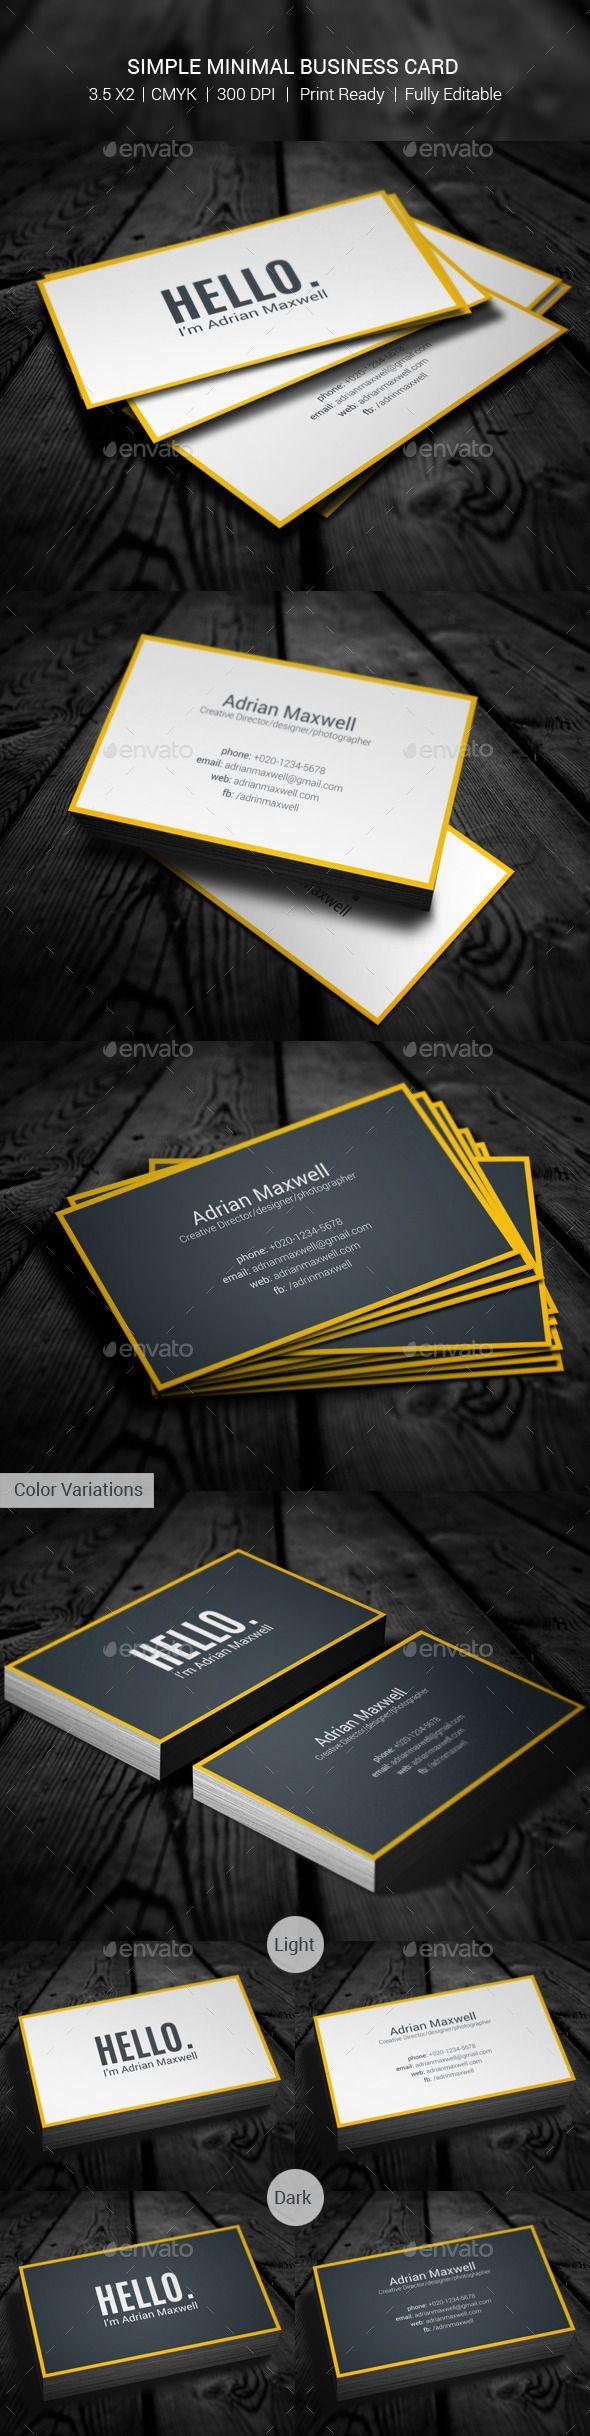 simple minimal business card minimal business cardblack business business card